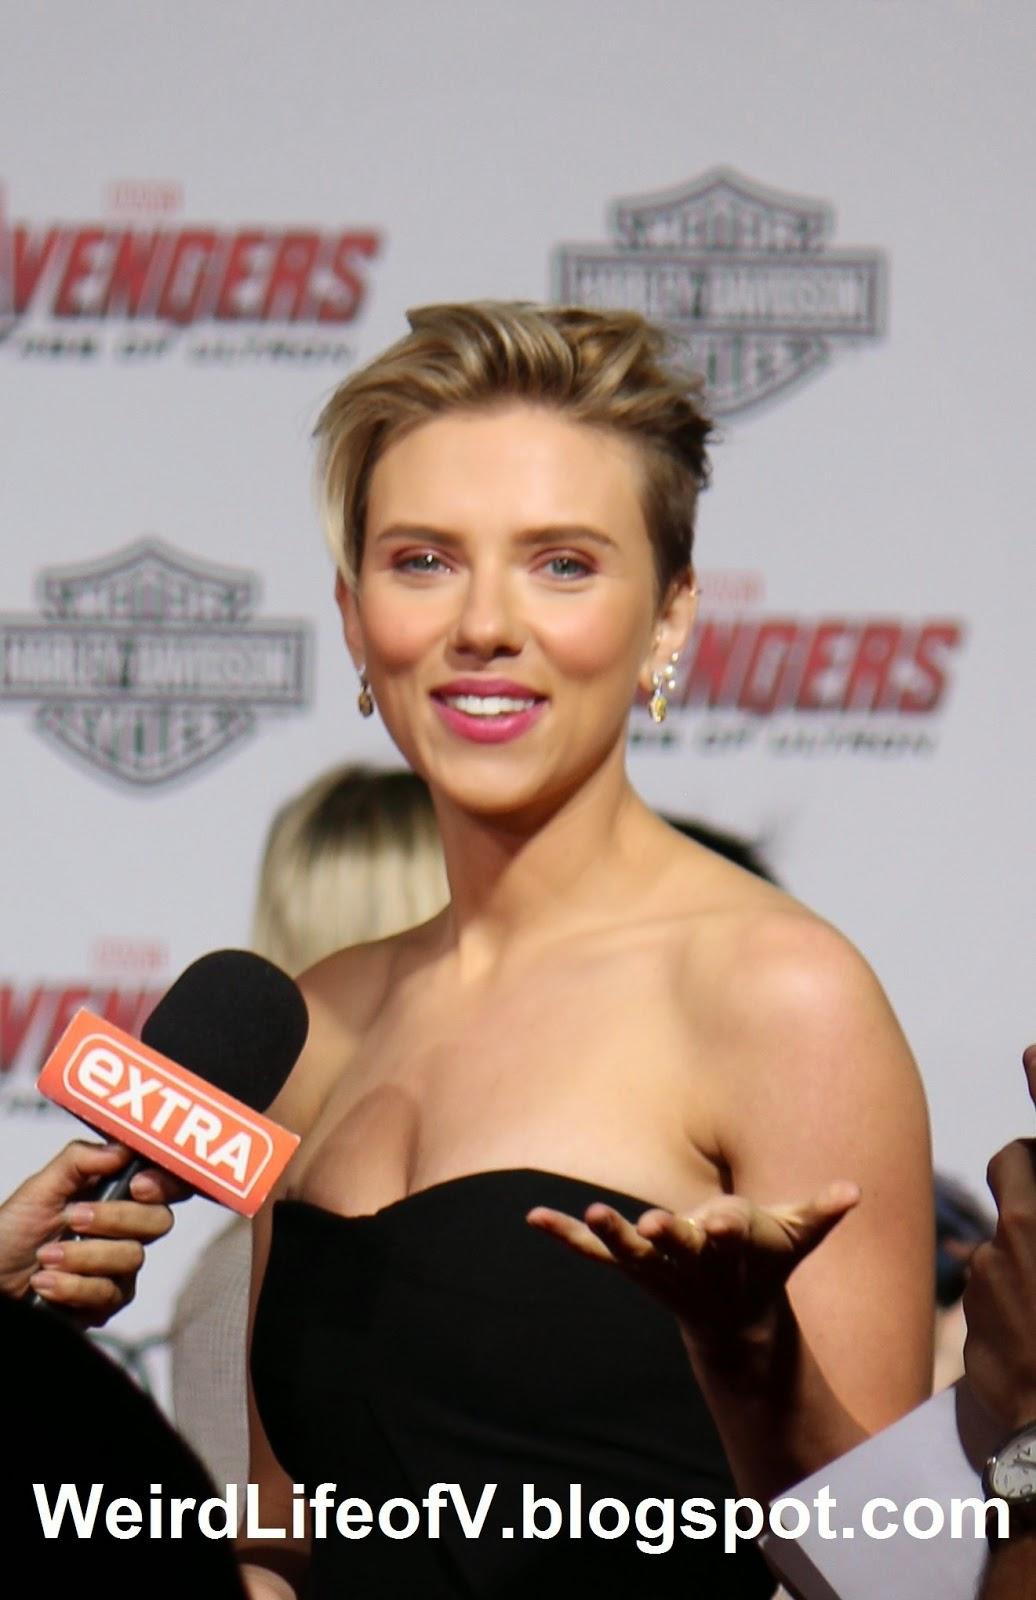 Scarlett Johanssen being interviewed by Extra